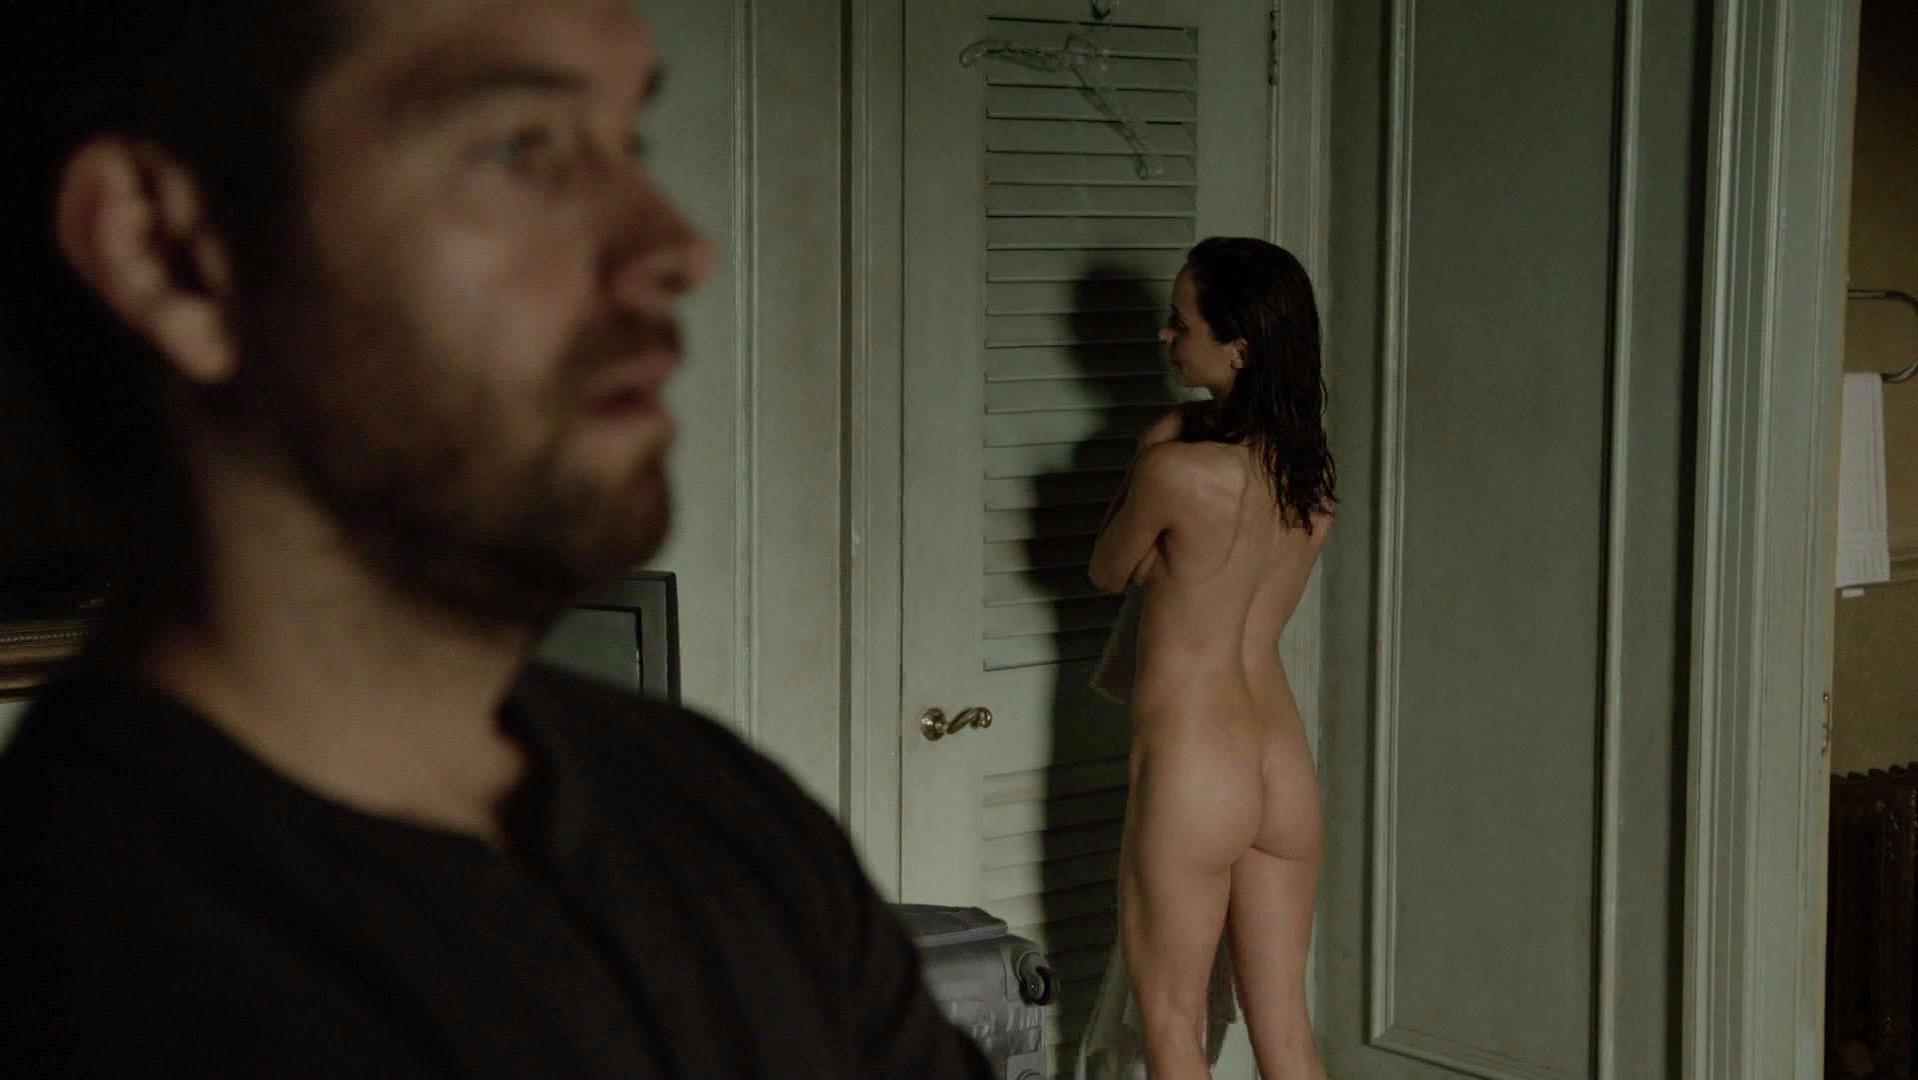 Eliza Dushku nude - Banshee s04e06 (2016)